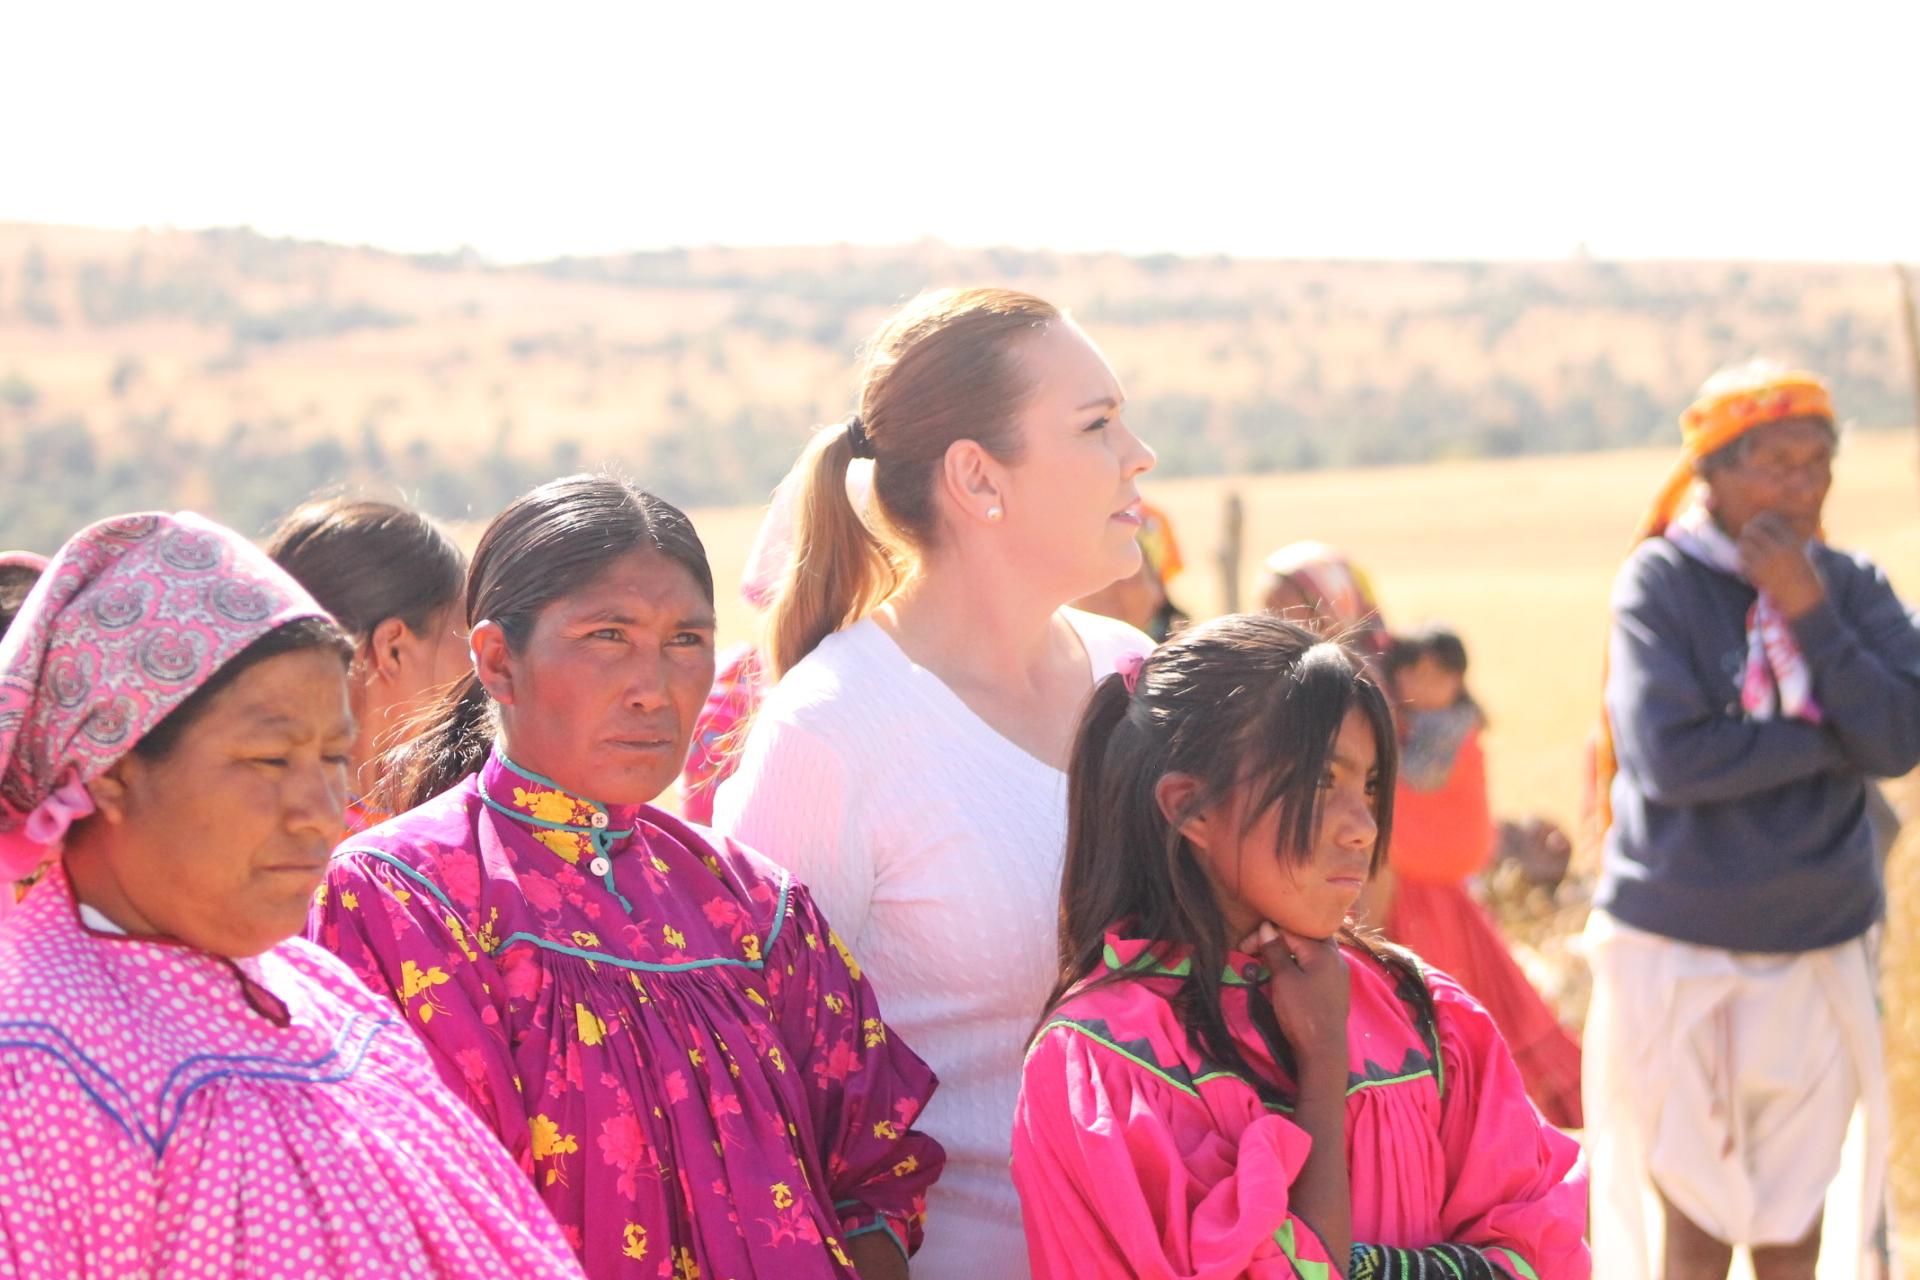 Se celebra hoy el Día Internacional de la Mujer Indígena